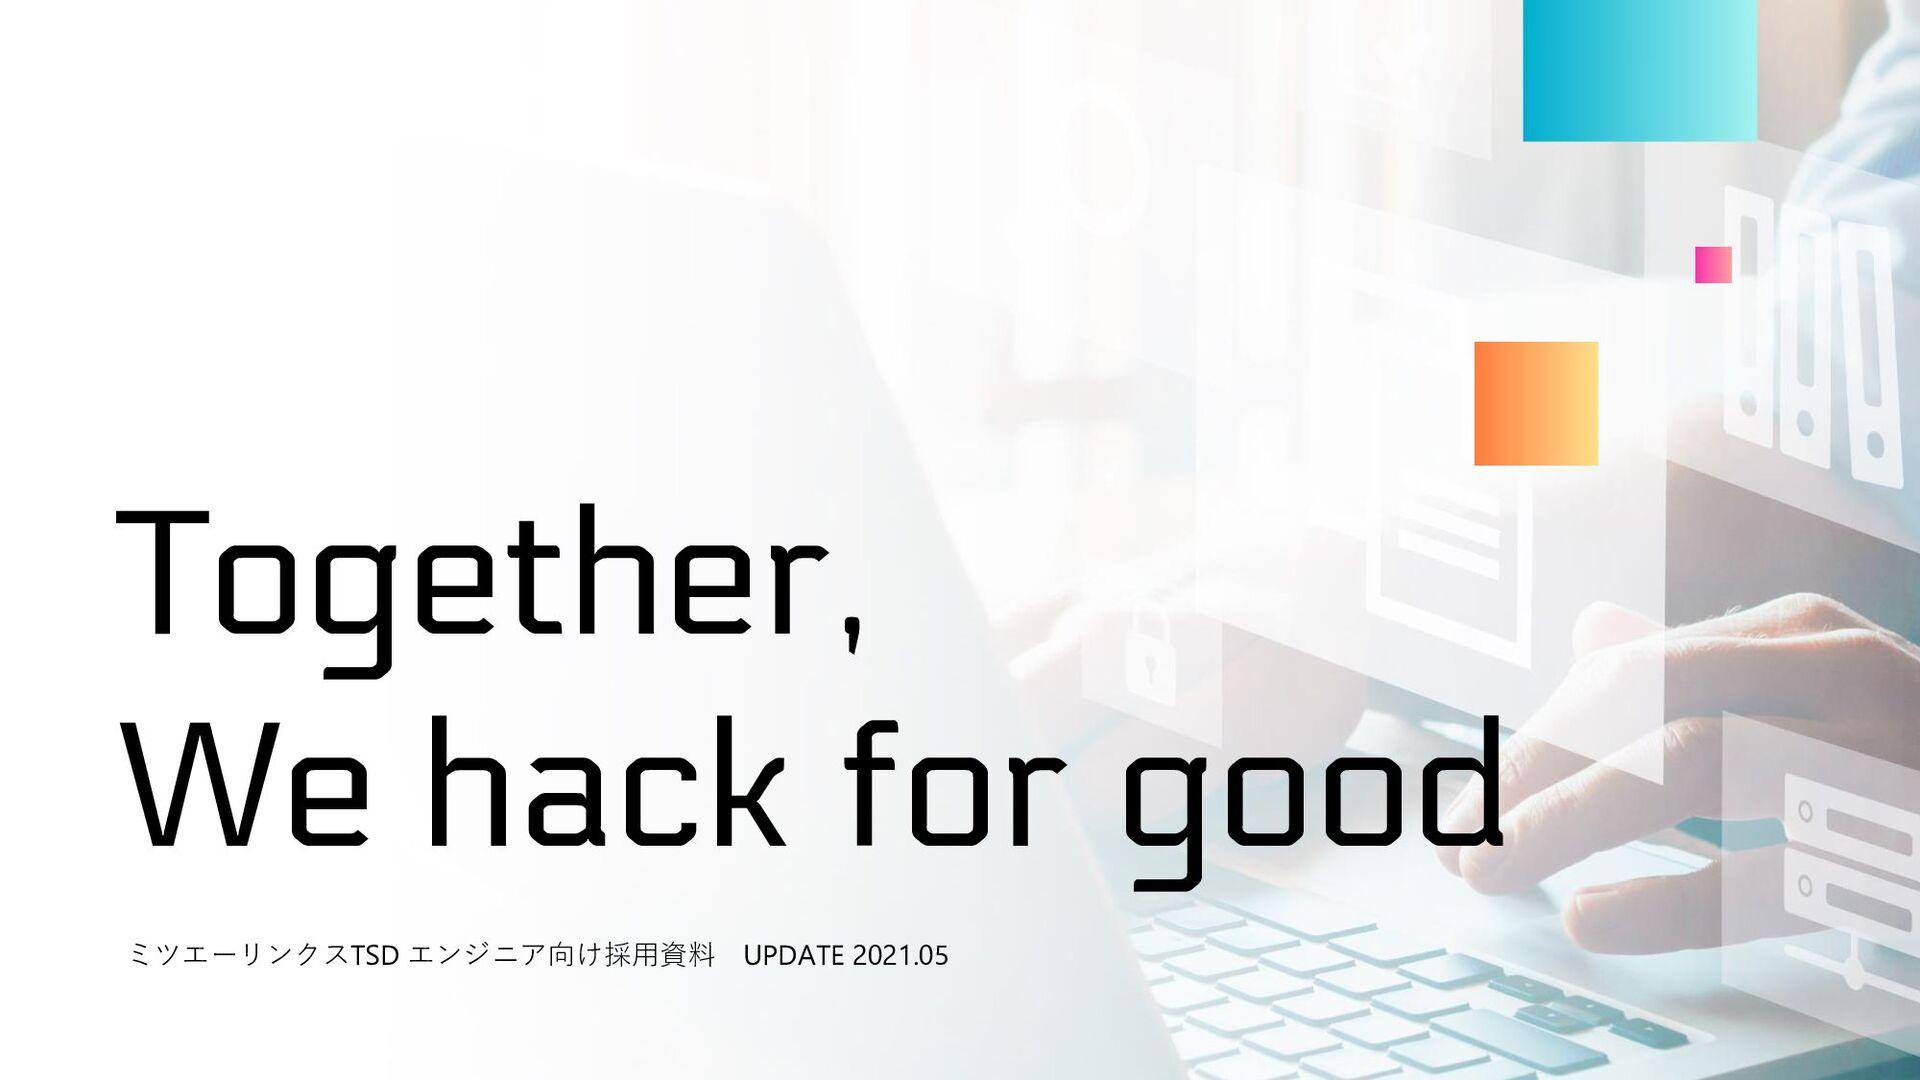 ミツエーリンクスTSD エンジニア向け採用資料 UPDATE 2021.05 Together...